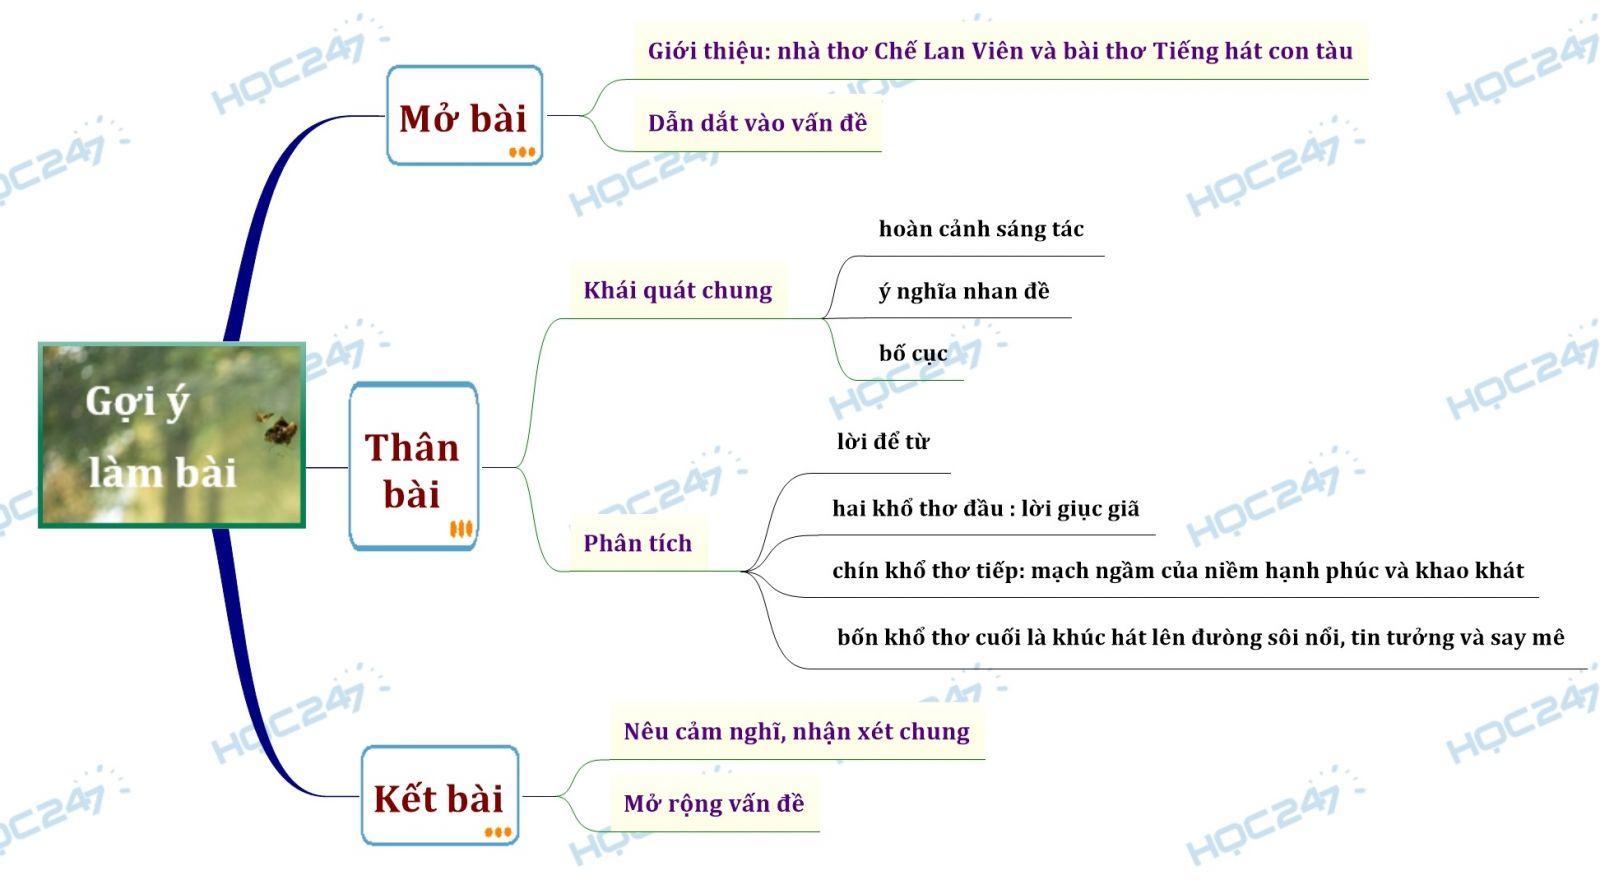 sơ đồ tư duy  phân tích bài thơ Tiếng hát con tàu của nhà thơ Chế Lan Viên